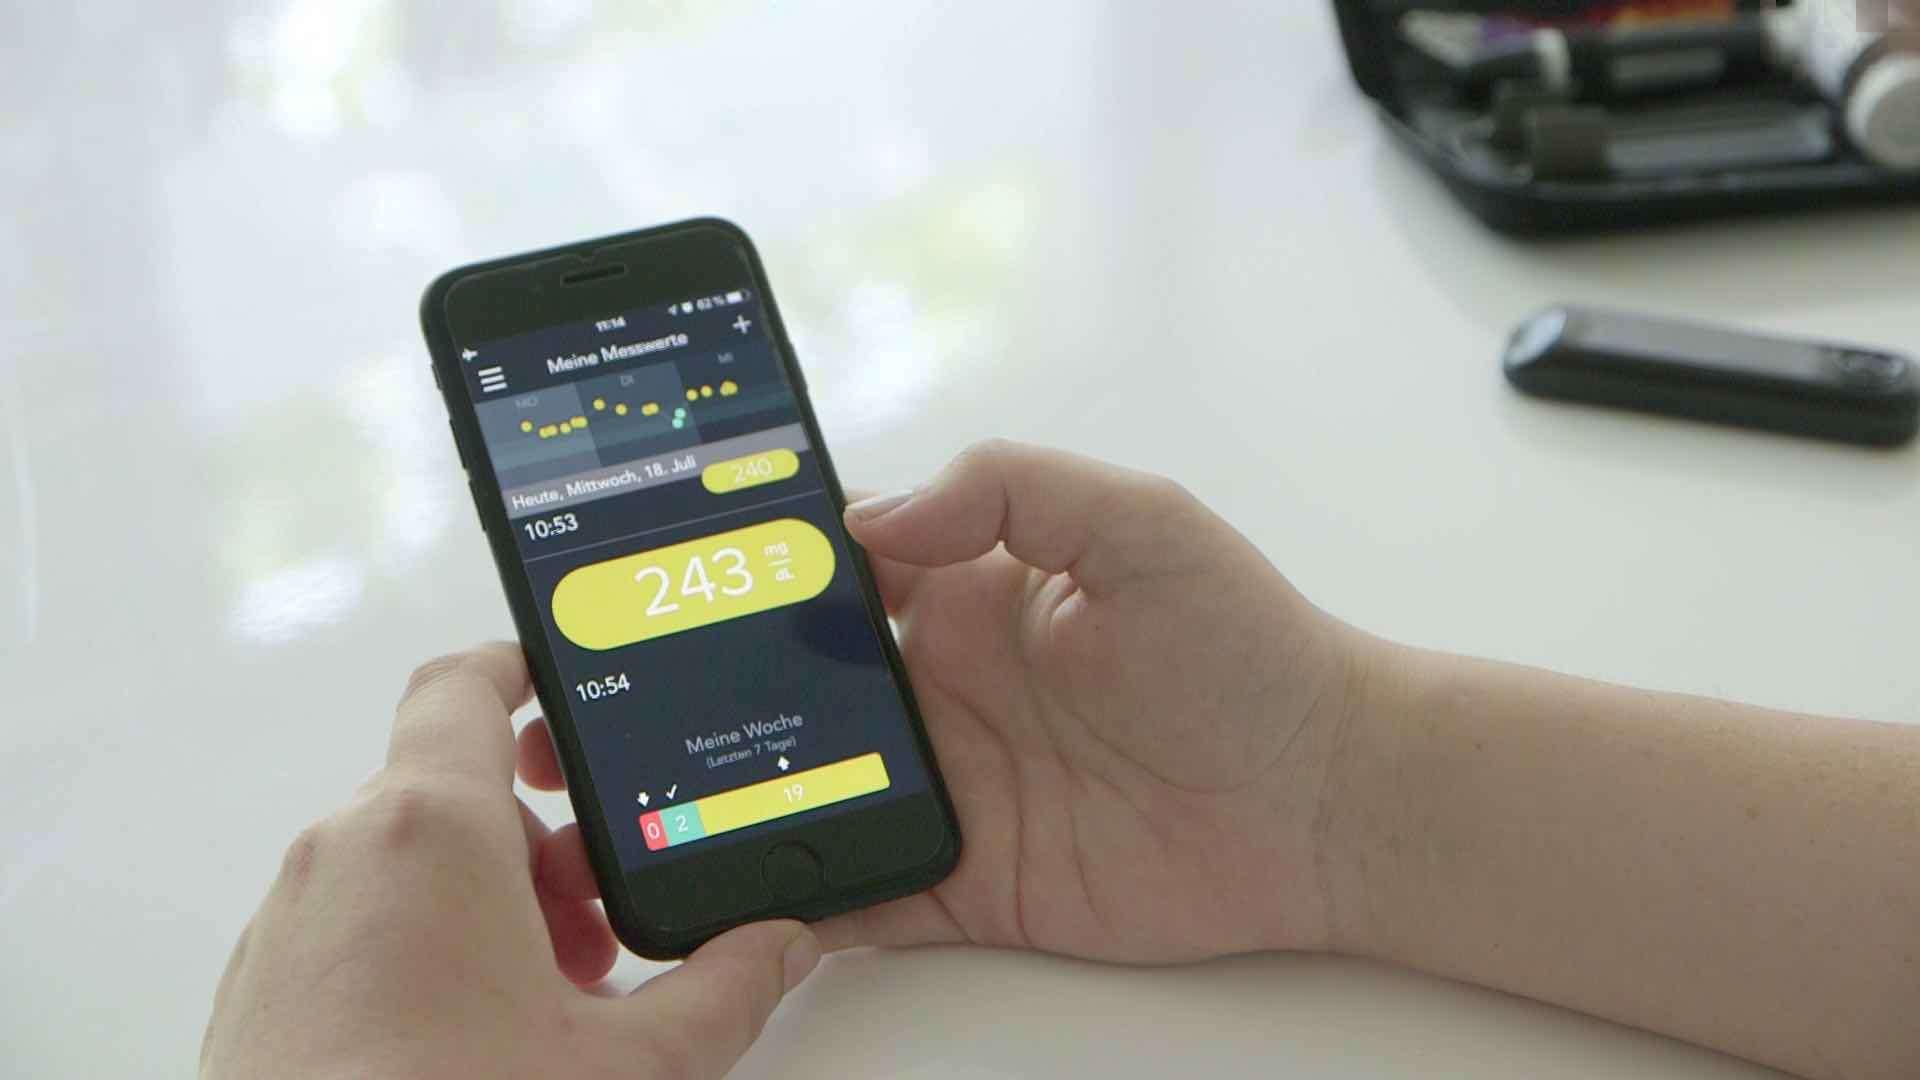 Eine Person hält ein iPhone und schaut sich Messwerte an